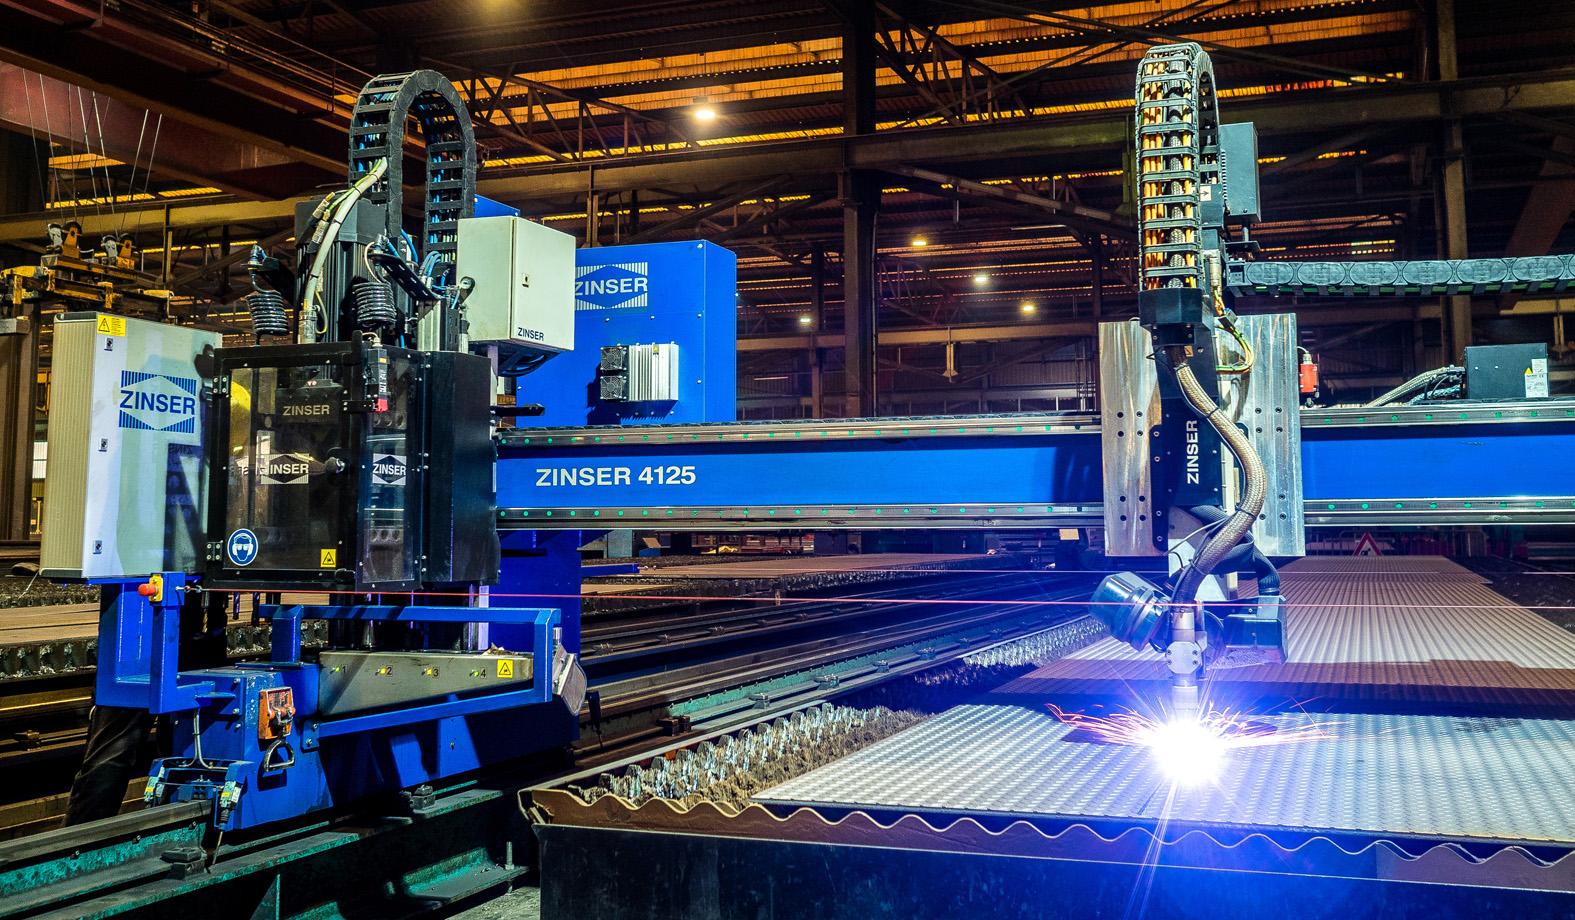 ZINSER Brennschneidmaschine 4125 zum Plasmaschneiden, Fasenschneiden und Bohren